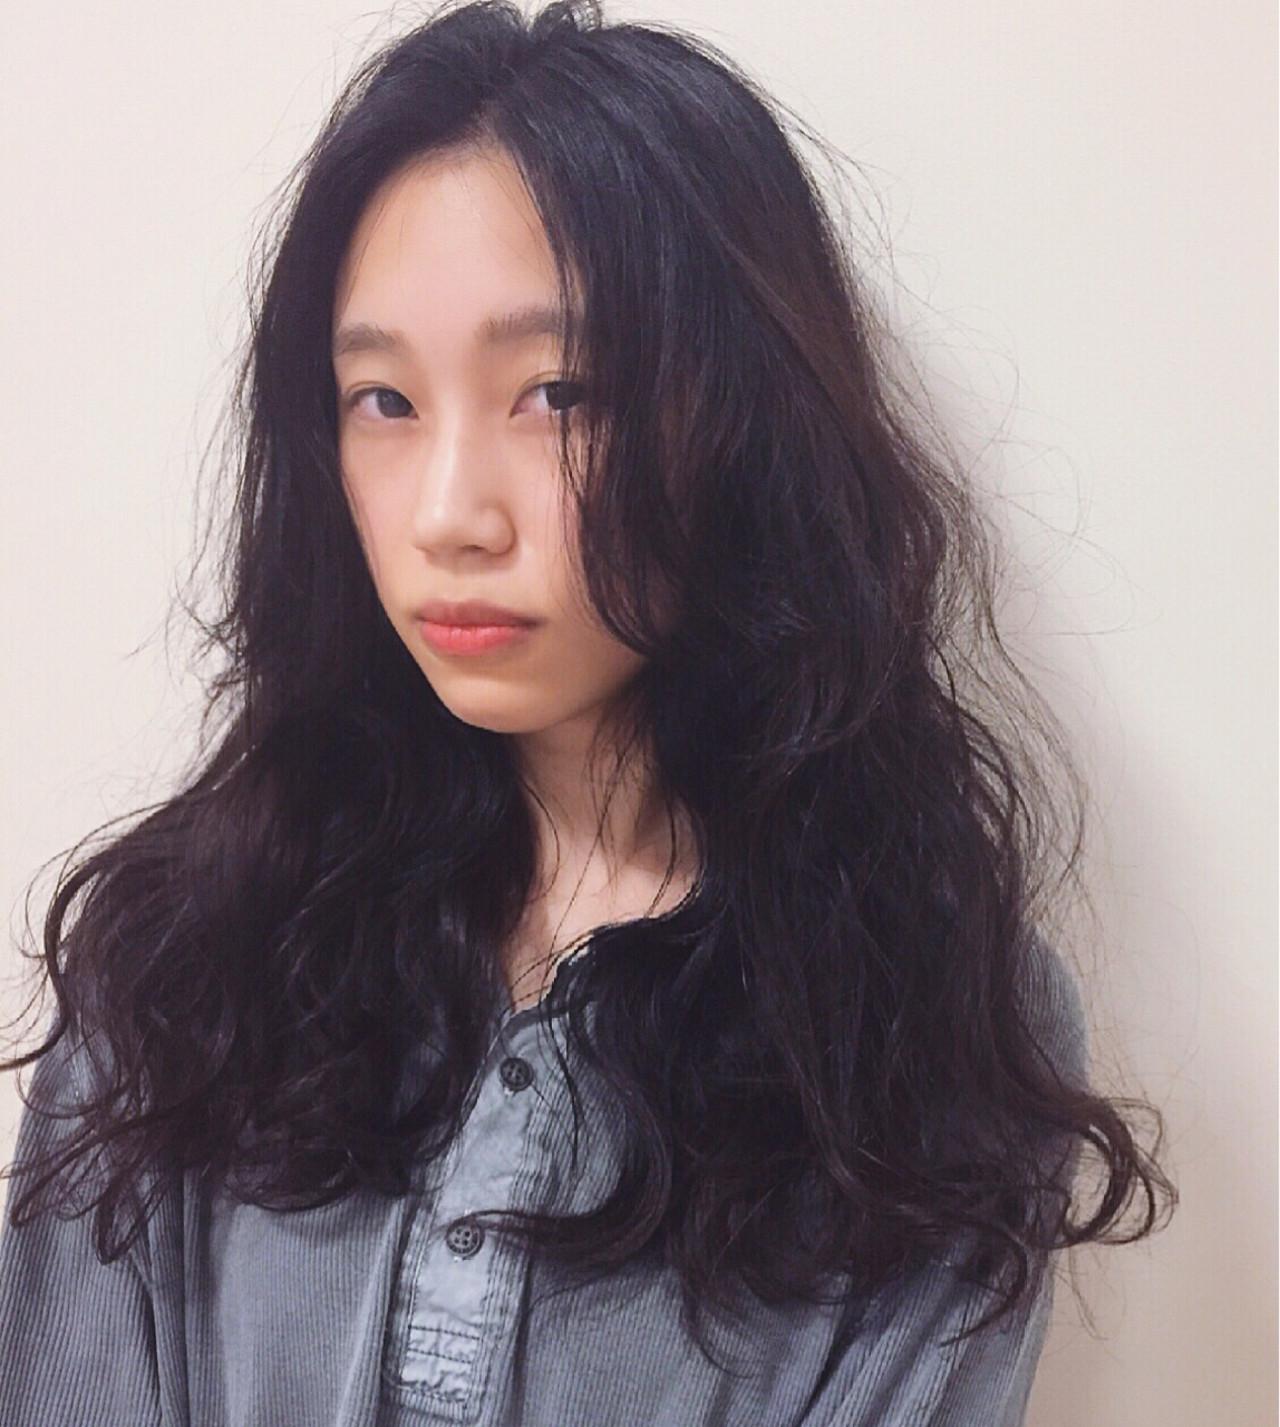 黒髪 ストリート ロング ゆるふわ ヘアスタイルや髪型の写真・画像